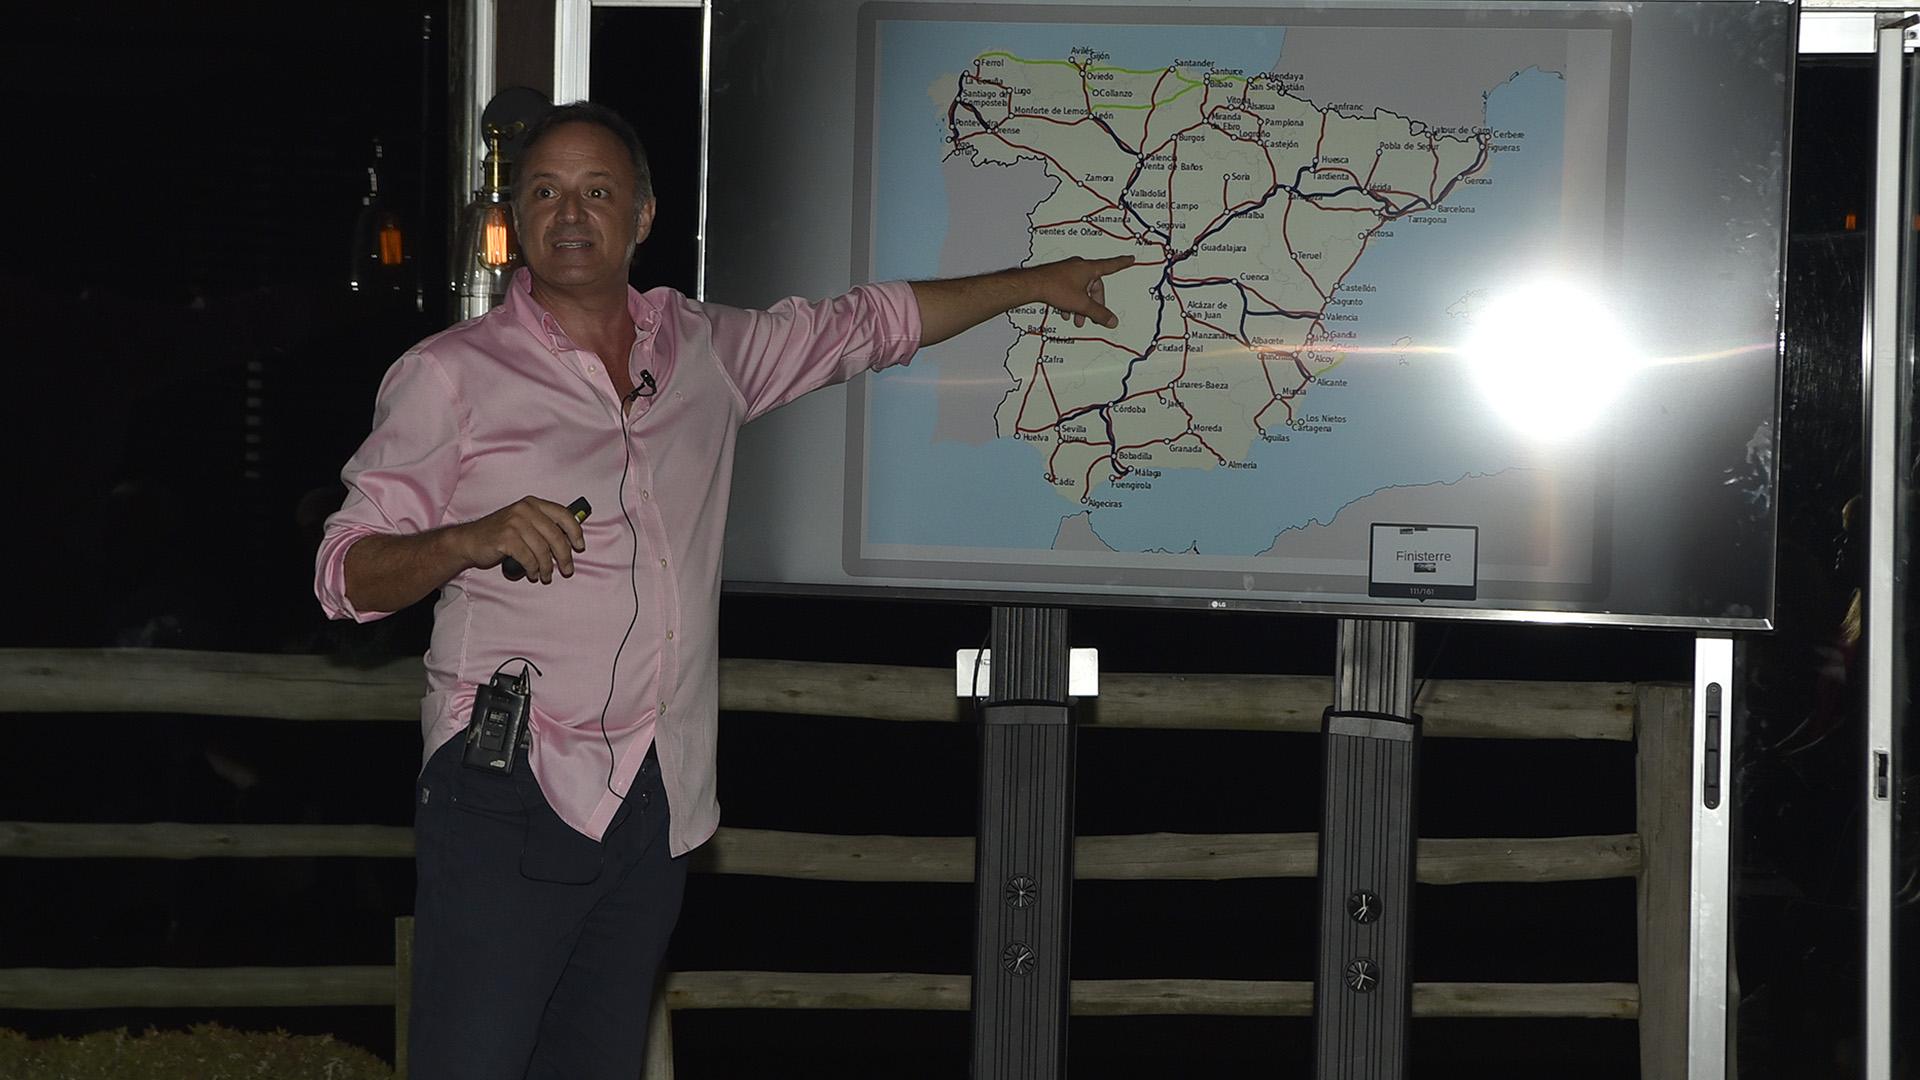 Javier Arroyo Navarro, Consejero de Turismo para Argentina, Uruguay, Paraguay, Chile, Bolivia, Perú y Ecuador de la Oficina Española de Turismo en Buenos Aires de la Embajada de España, durante su presentación